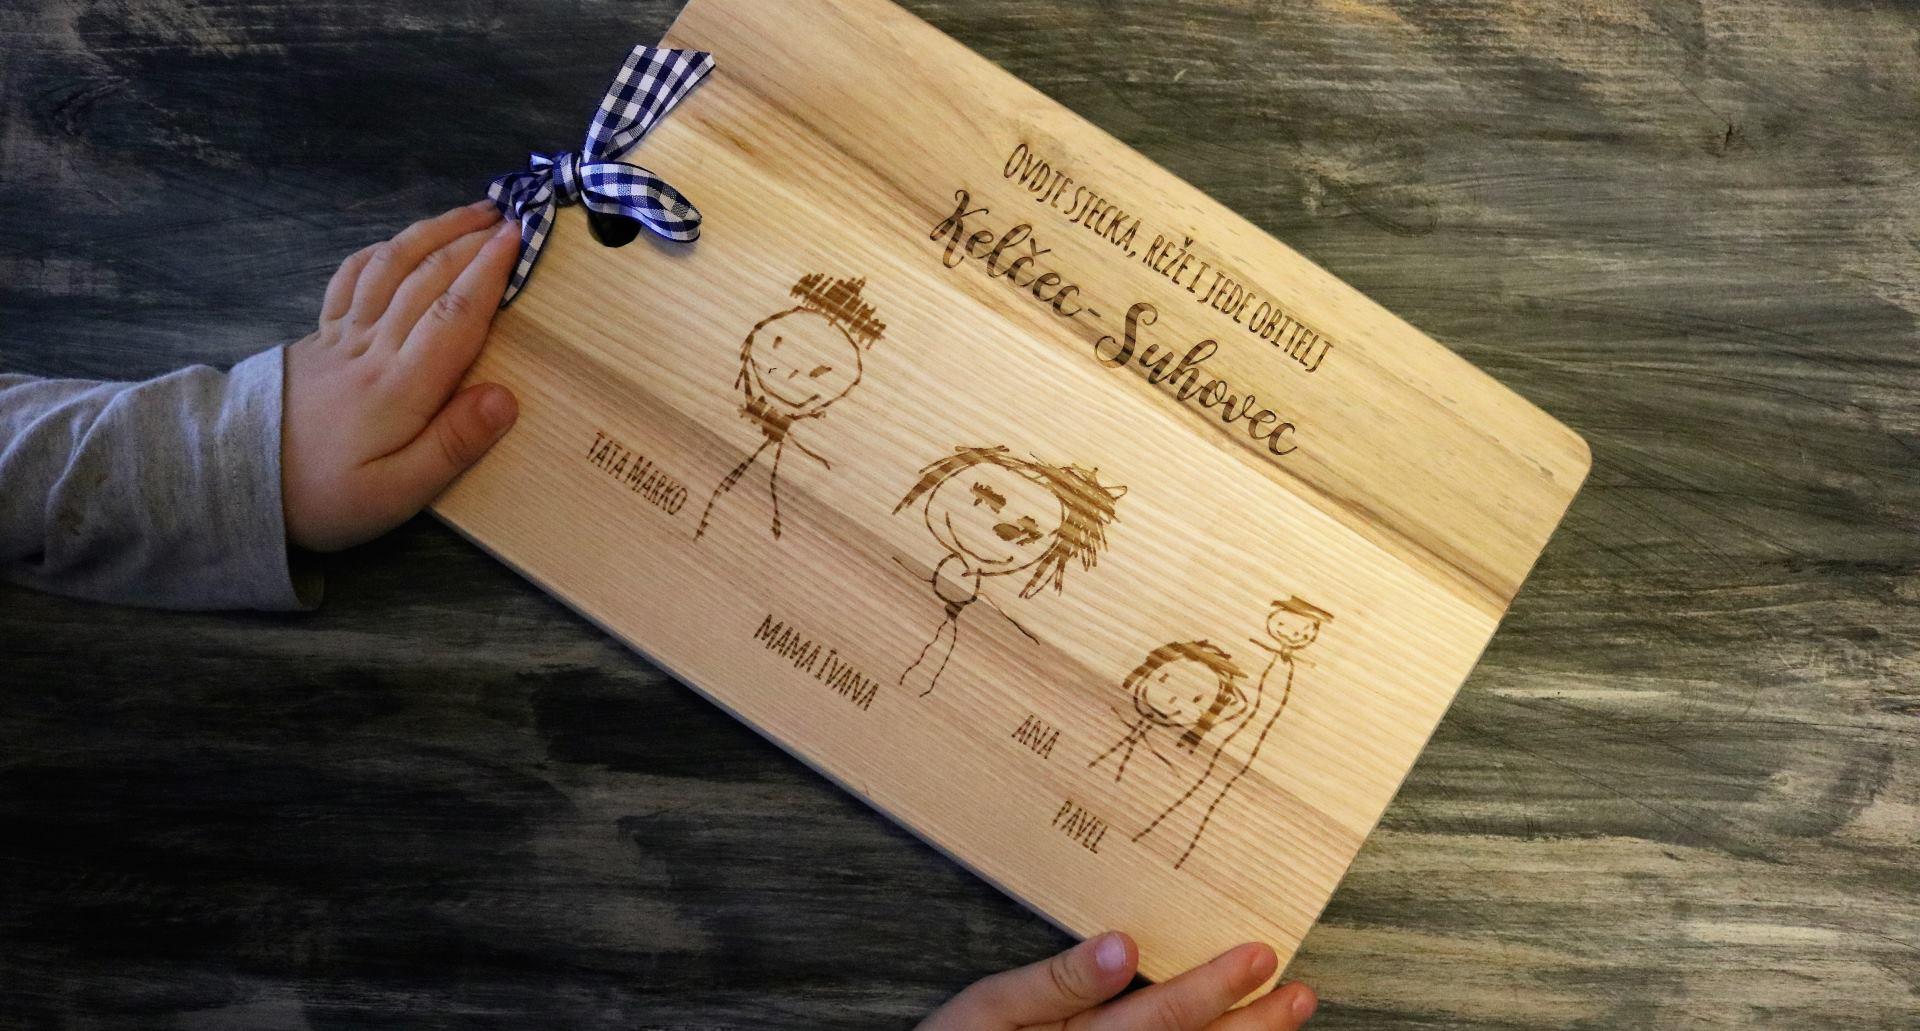 FOTO: Little Miss Puu drvene daskice s potpisom malih umjetnika